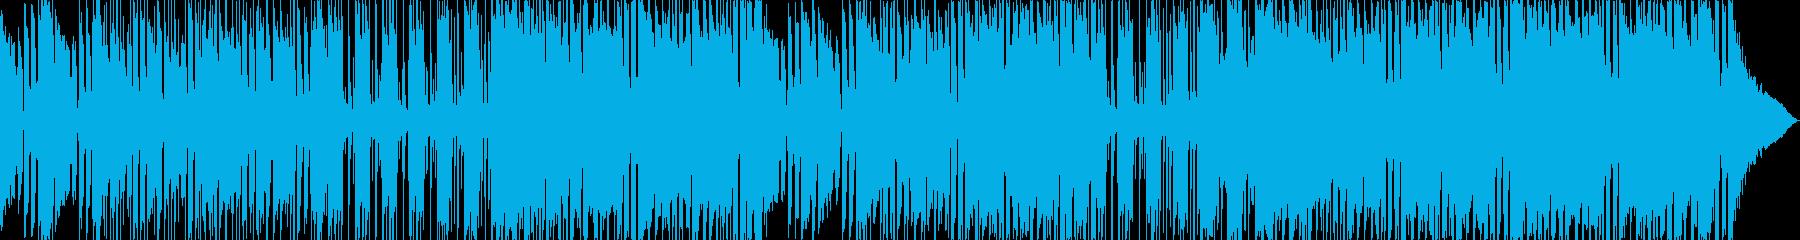 エネルギッシュなロックミュージックの再生済みの波形